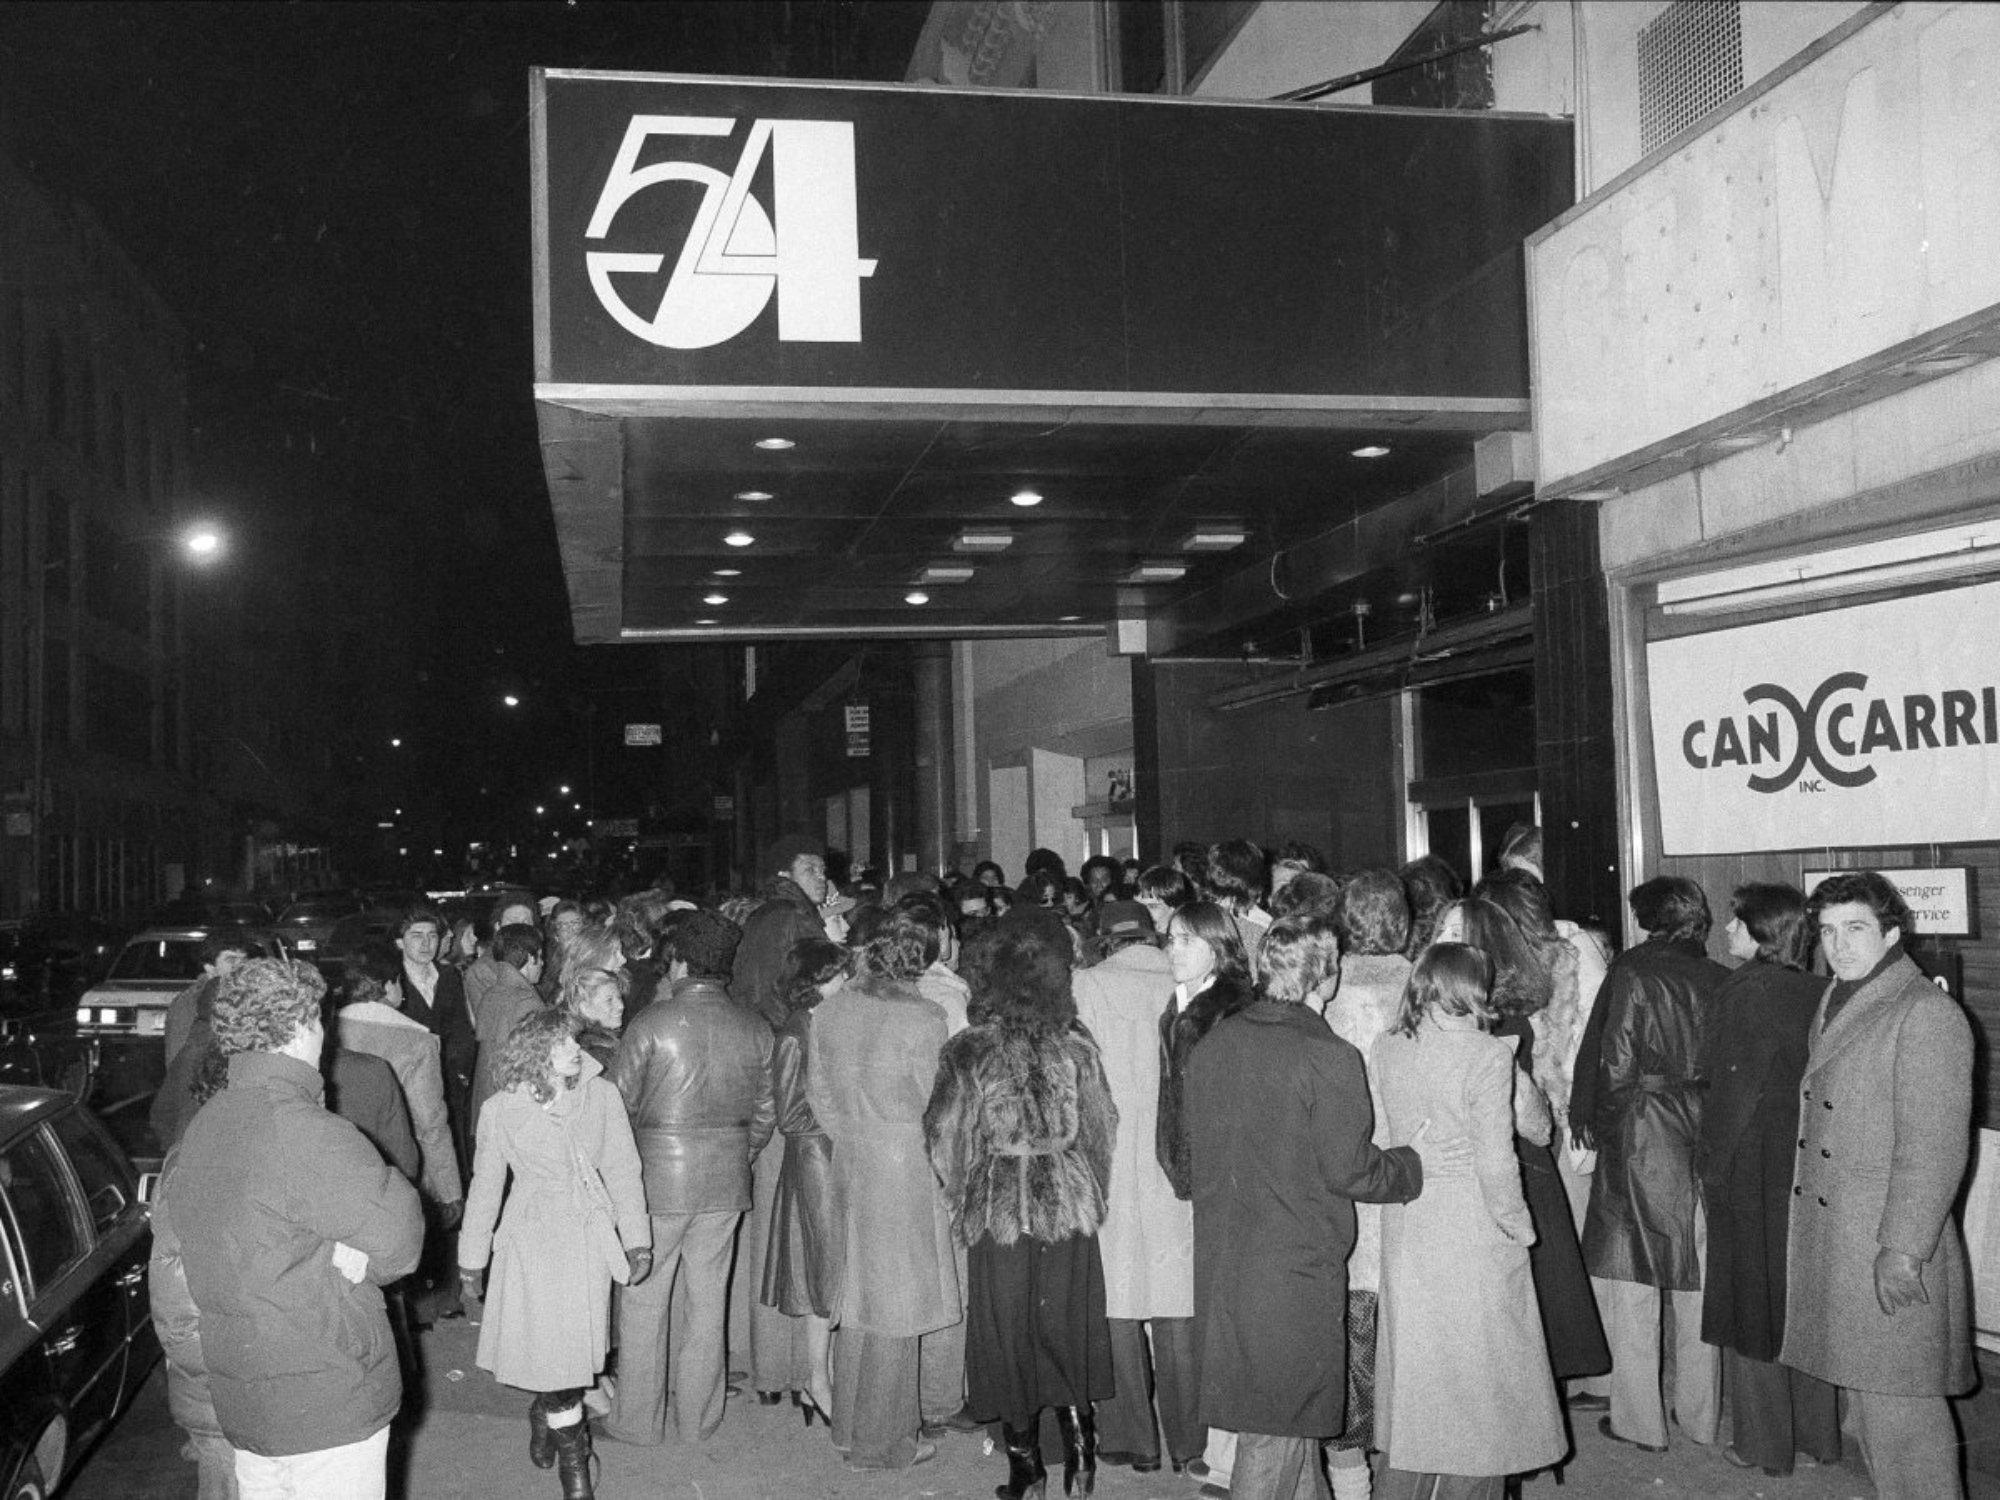 70年代美國紐約傳奇夜店「Studio 54」,政商名流性解放、嬉皮爆棚的 Disco 盛世12